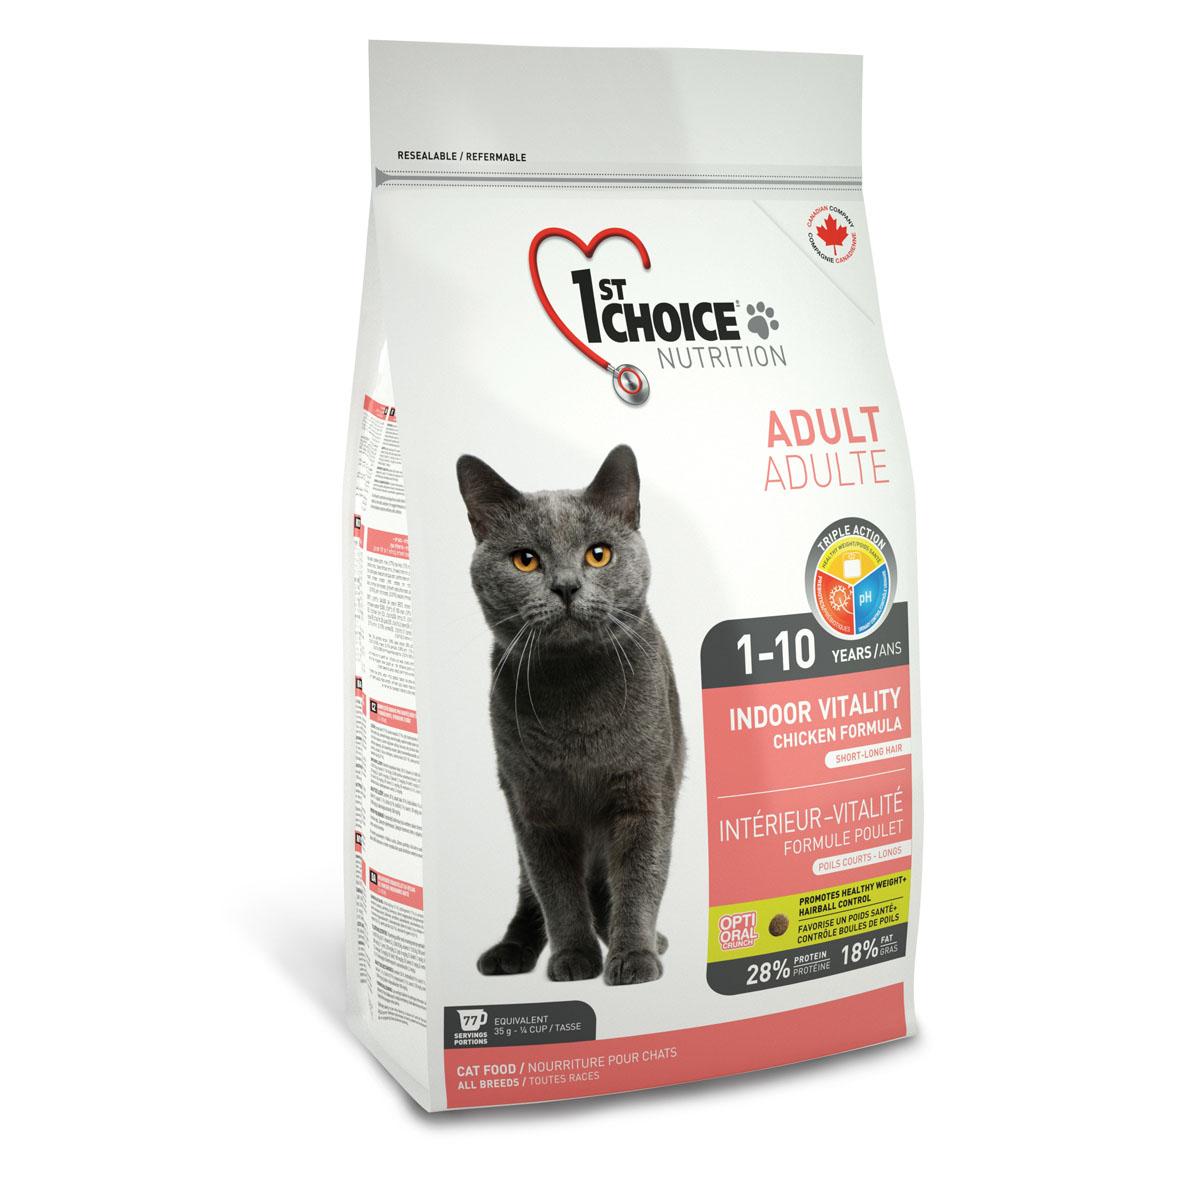 Корм сухой 1st Choice Adult для живущих в помещении взрослых кошек, с курицей, 350 г56663Корм сухой 1st Choice Adult - идеальная формула для домашних кошек со специальными тщательно отобранными ингредиентами. Помогает сохранить идеальную кондицию и оптимальный вес. Идеальный рН-баланс для здоровья мочевыделительной системы. Содержит экстракт юкки Шидигера, которая связывает аммиак и уменьшает запах экскрементов. Состав: свежая курица 17%, мука из мяса курицы 17%, рис, гороховый протеин, куриный жир, сохраненный смесью натуральных токоферолов (витамин Е), мякоть свеклы, коричневый рис, специально обработанные ядра ячменя и овса, сушеное яйцо, гидролизат куриной печени, цельное семя льна, жир лосося, сушеная мякоть томата, клетчатка гороха, калия хлорид, лецитин, кальция карбонат, холина хлорид, соль, кальция пропионат, натрия бисульфат, таурин, DL- метионин, L-лизин, экстракт дрожжей (источник маннан-олигосахаридов), железа сульфат, аскорбиновая кислота (витамин С), экстракт цикория (источник инулина), цинка оксид, натрия селенит, альфа-токоферол ацетат (витамин...